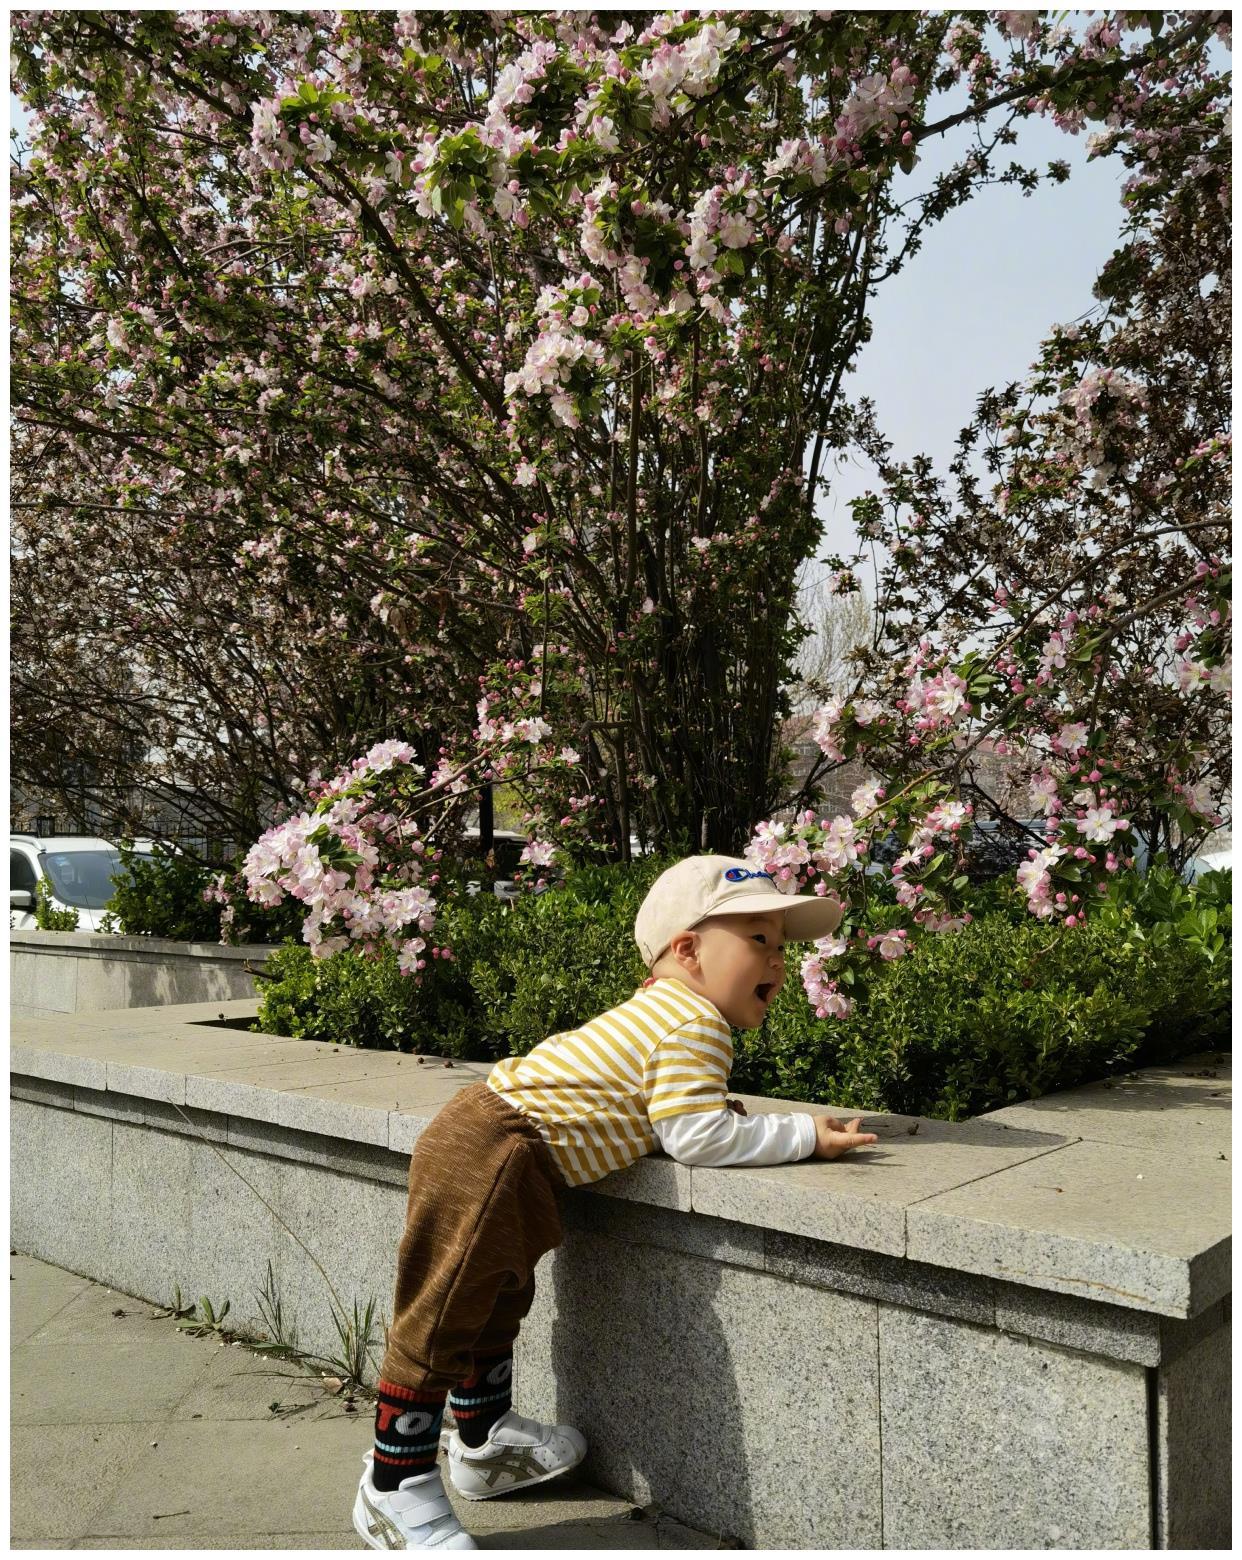 魏秋月更新动态:带儿子逛动物园,变身家庭主妇